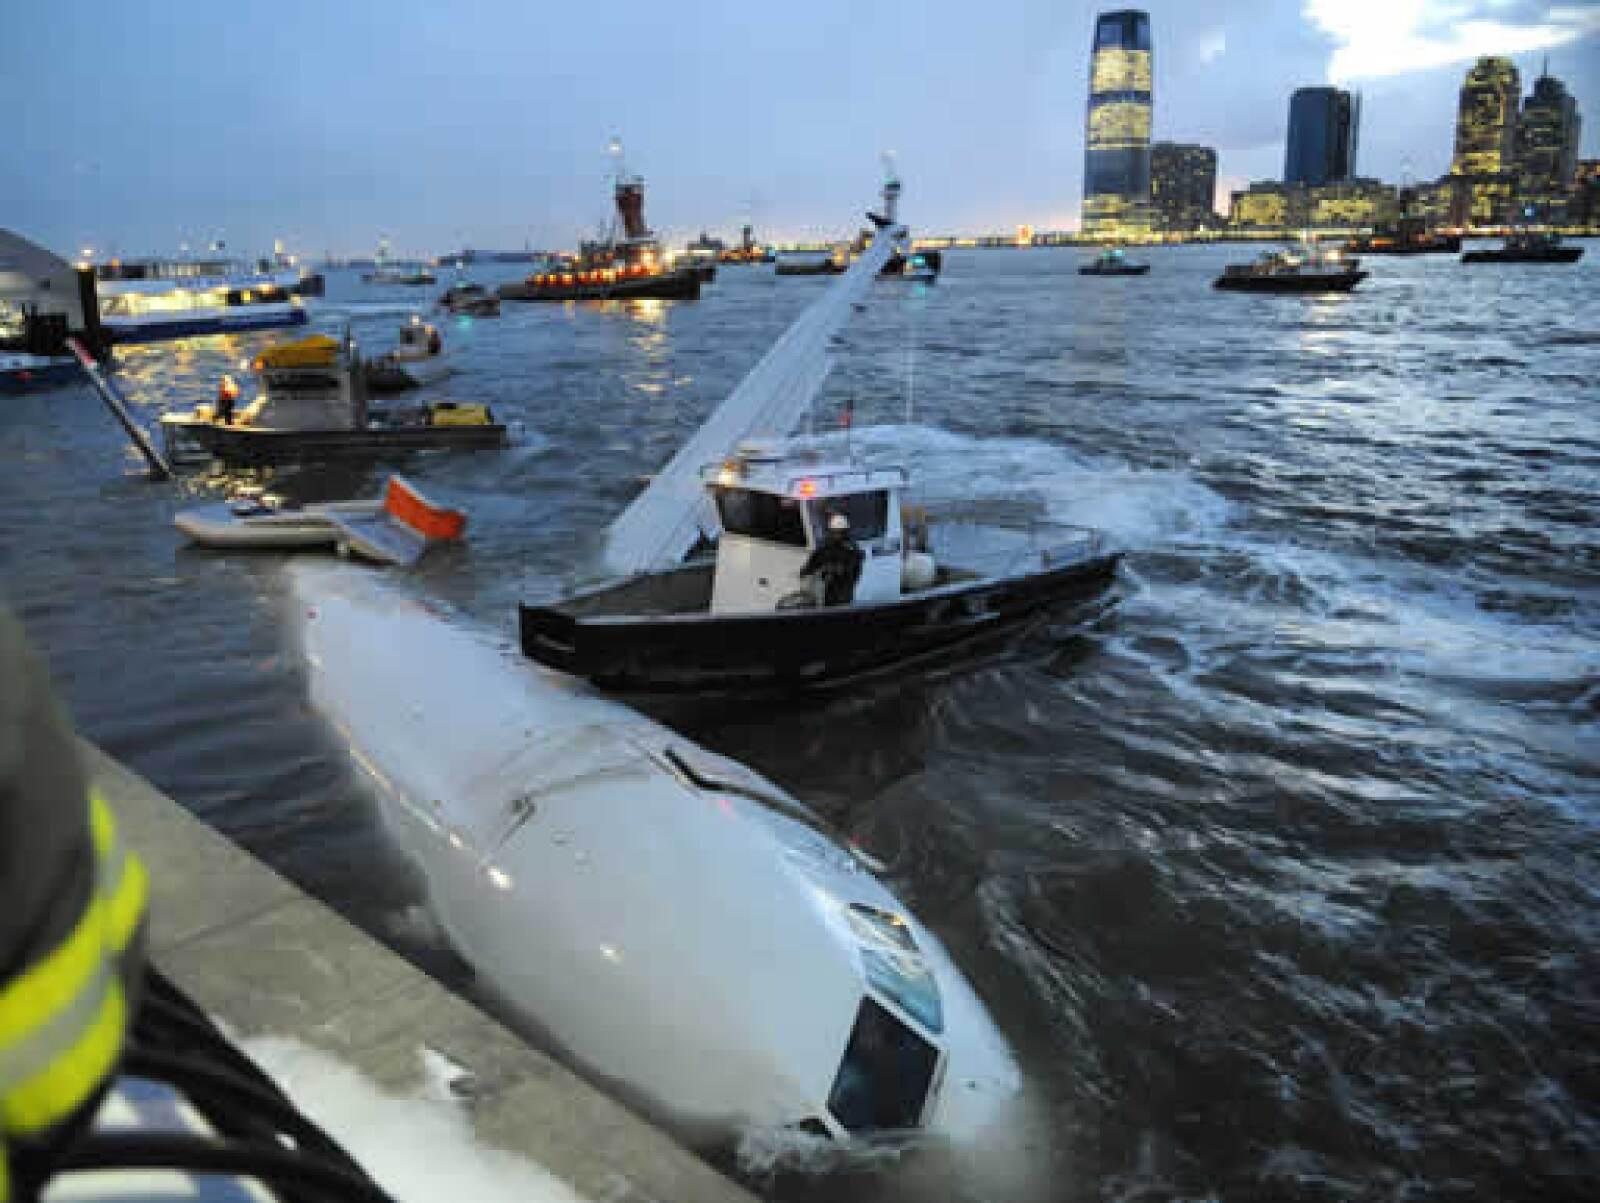 Expertos consideraron que el aterrizaje en agua sin que se rompiera fue extraordinario. Es increíble que pudiera aterrizar sin romperse, indicó Max Vermij, investigador del Accident Cause Analysis.